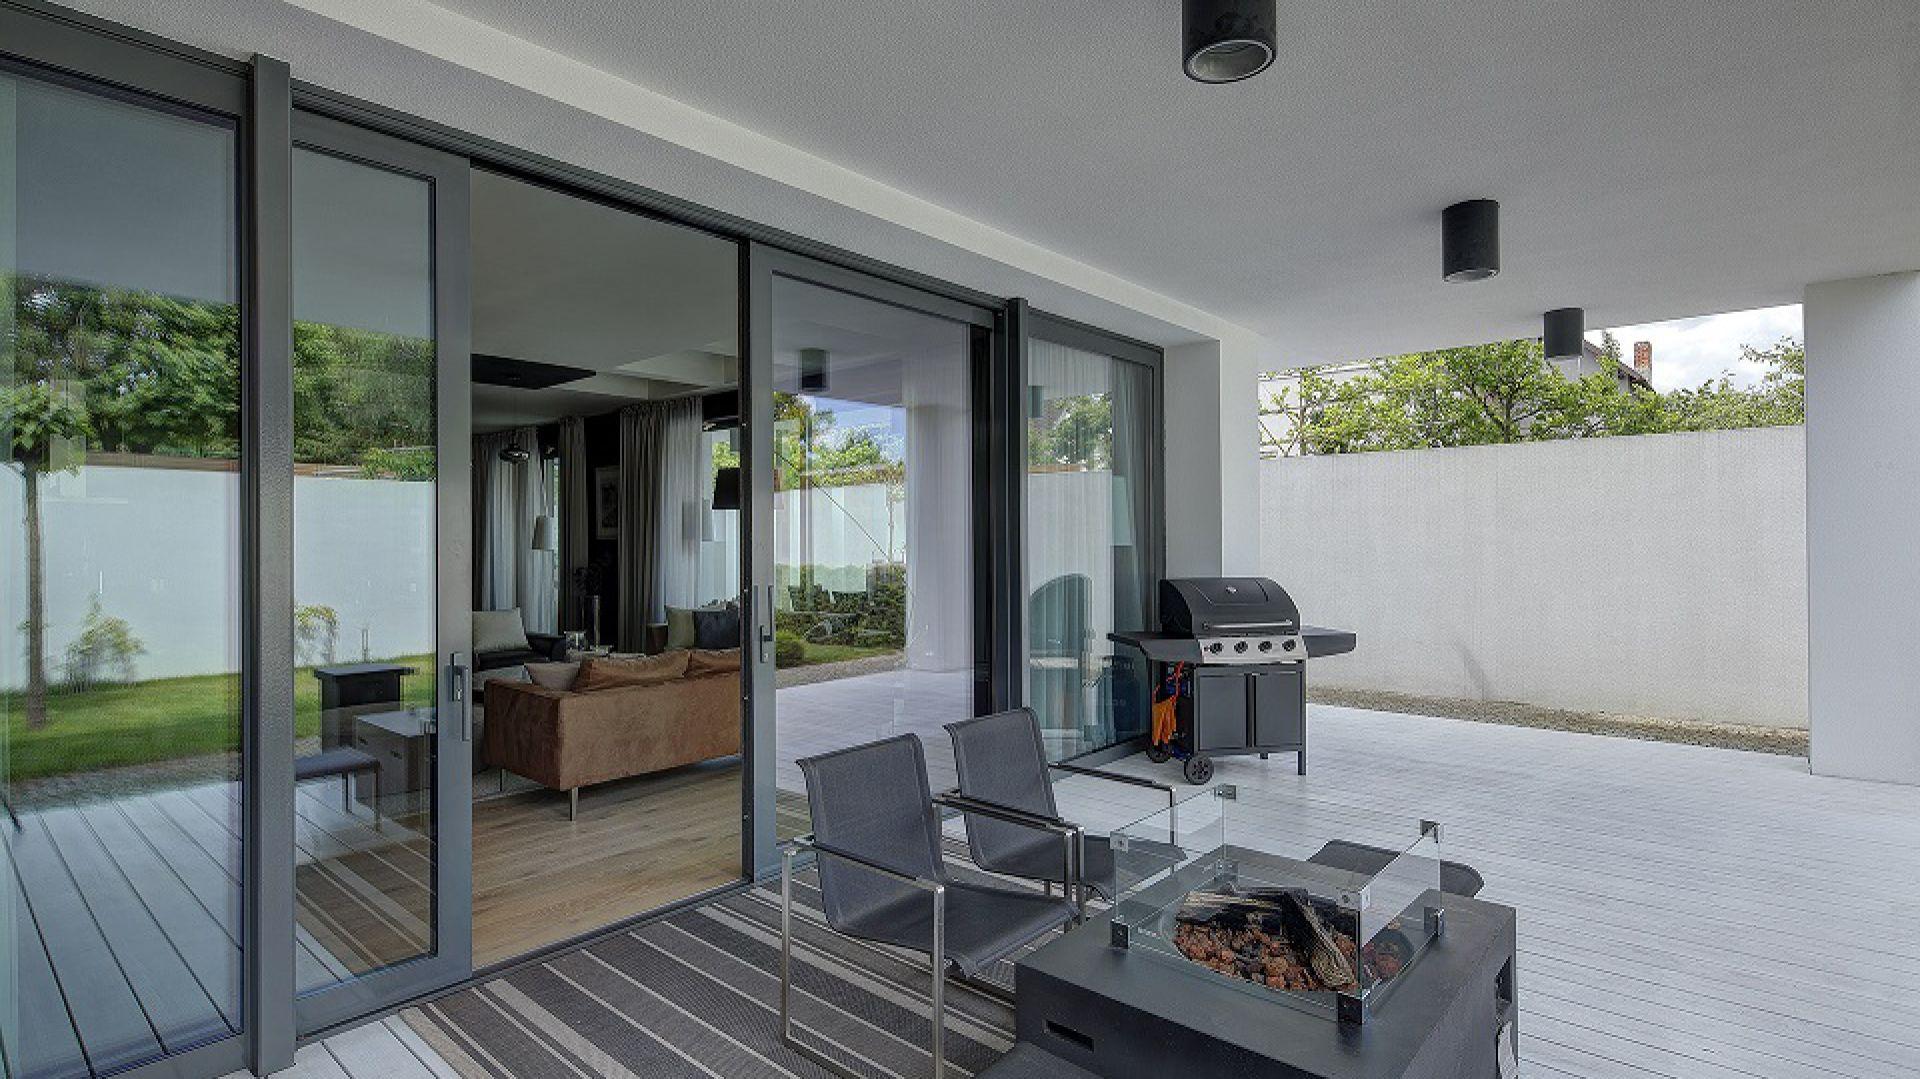 Drzwi podnoszono-przesuwne Patio HST mogą mieć nawet 6 metrów szerokości w wersji PVC i aż 12 metrów w wersji aluminiowej. Komfortowe w użytkowaniu, zapewniają znakomitą izolację termiczną i akustyczną. A do tego wyposażone są w mechanizmy antywłamaniowe. Dzięki nim możemy otworzyć nasz dom na ogród czy taras i cieszyć się letnimi wieczorami w towarzystwie przyjaciół, lub przy dobrej lekturze. Fot. MS więcej niż OKNA